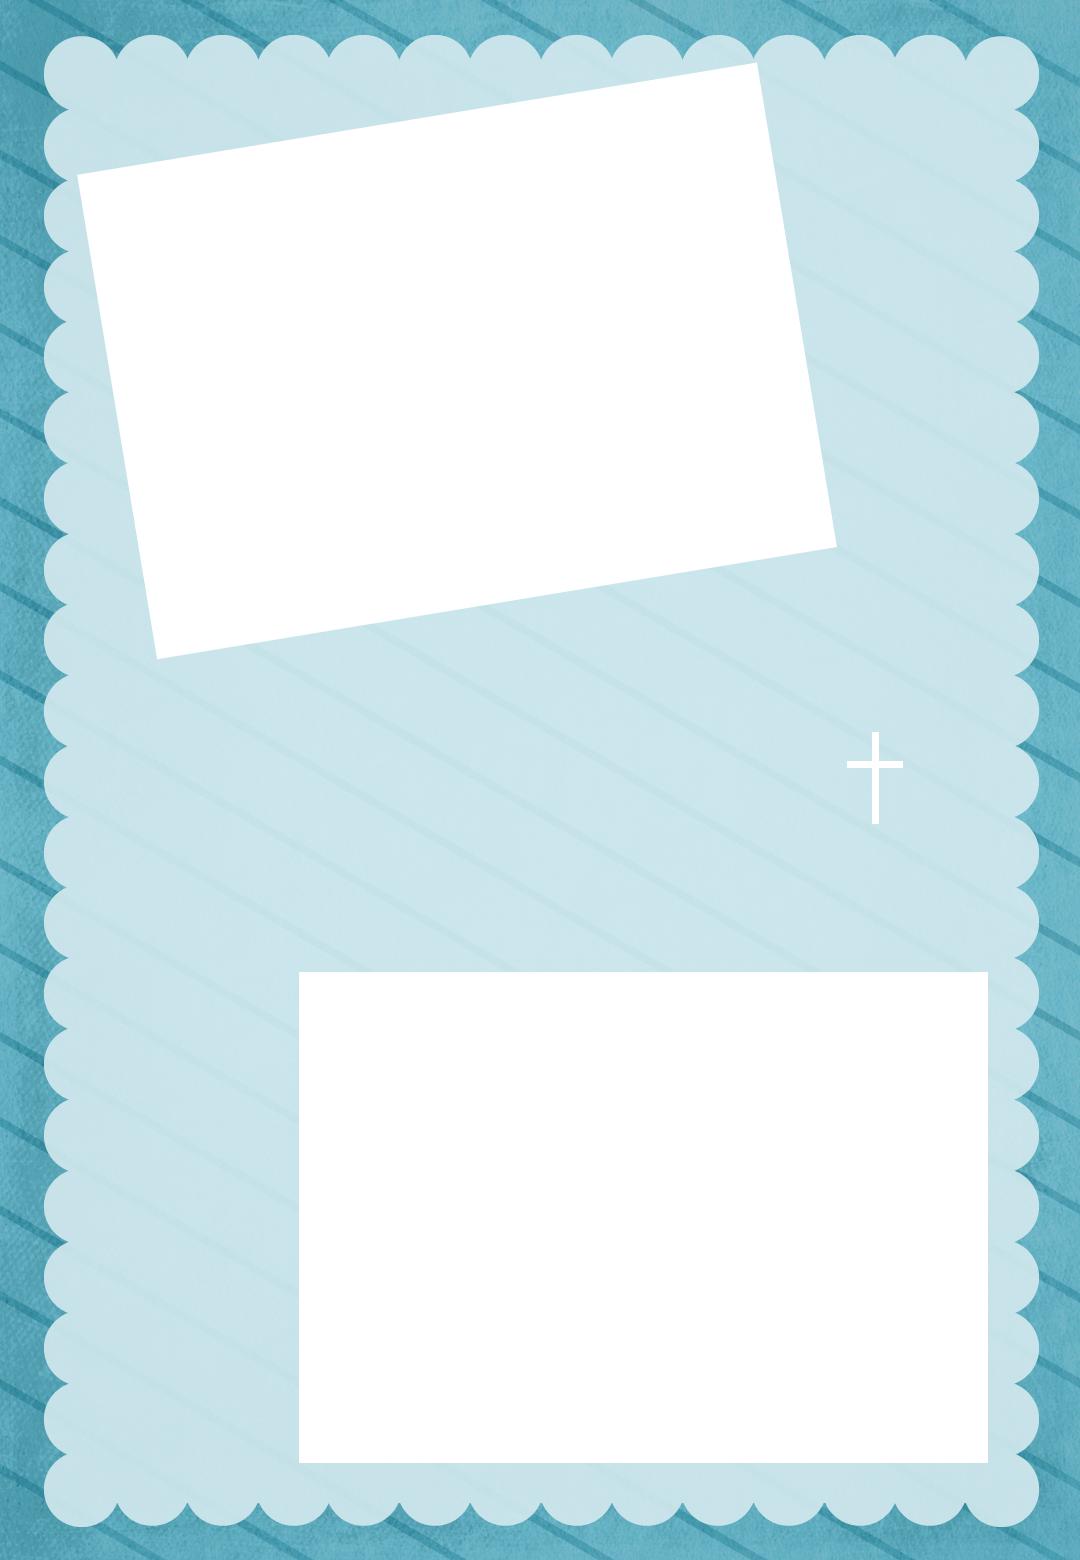 free printable baptism christening invitation stamped frame blue